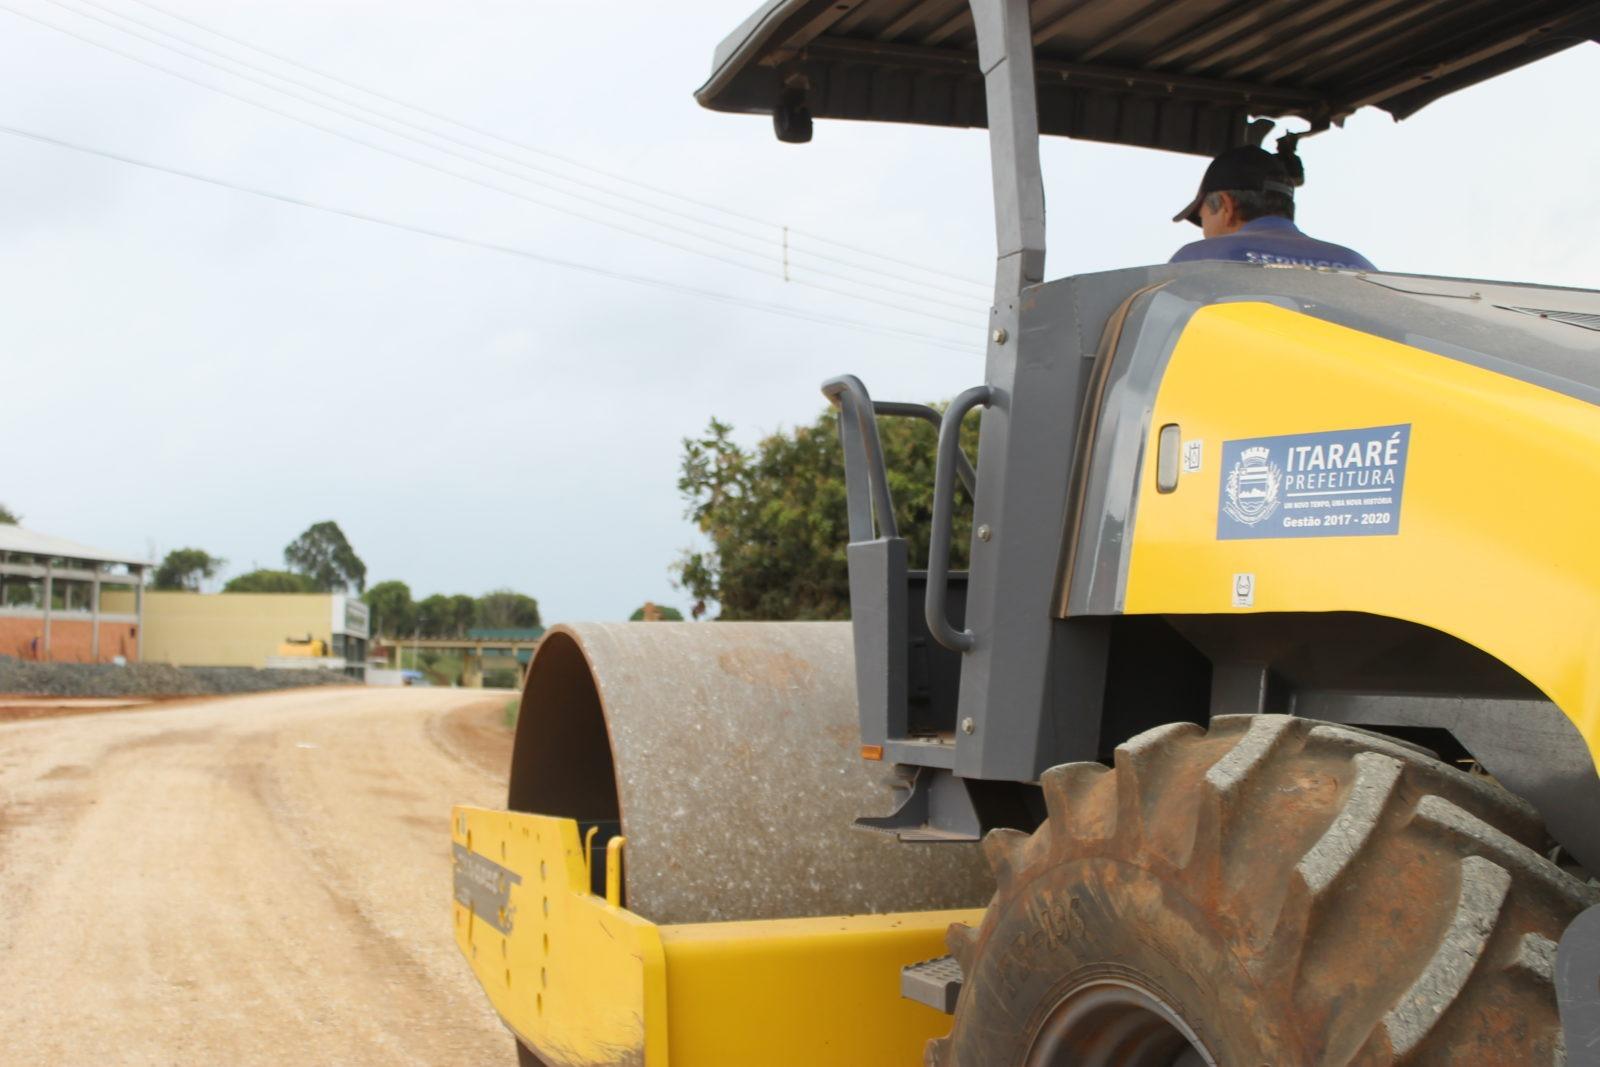 Com recursos próprios, gestão Heliton do Valle melhora condições das estradas de terra em Itararé (SP)